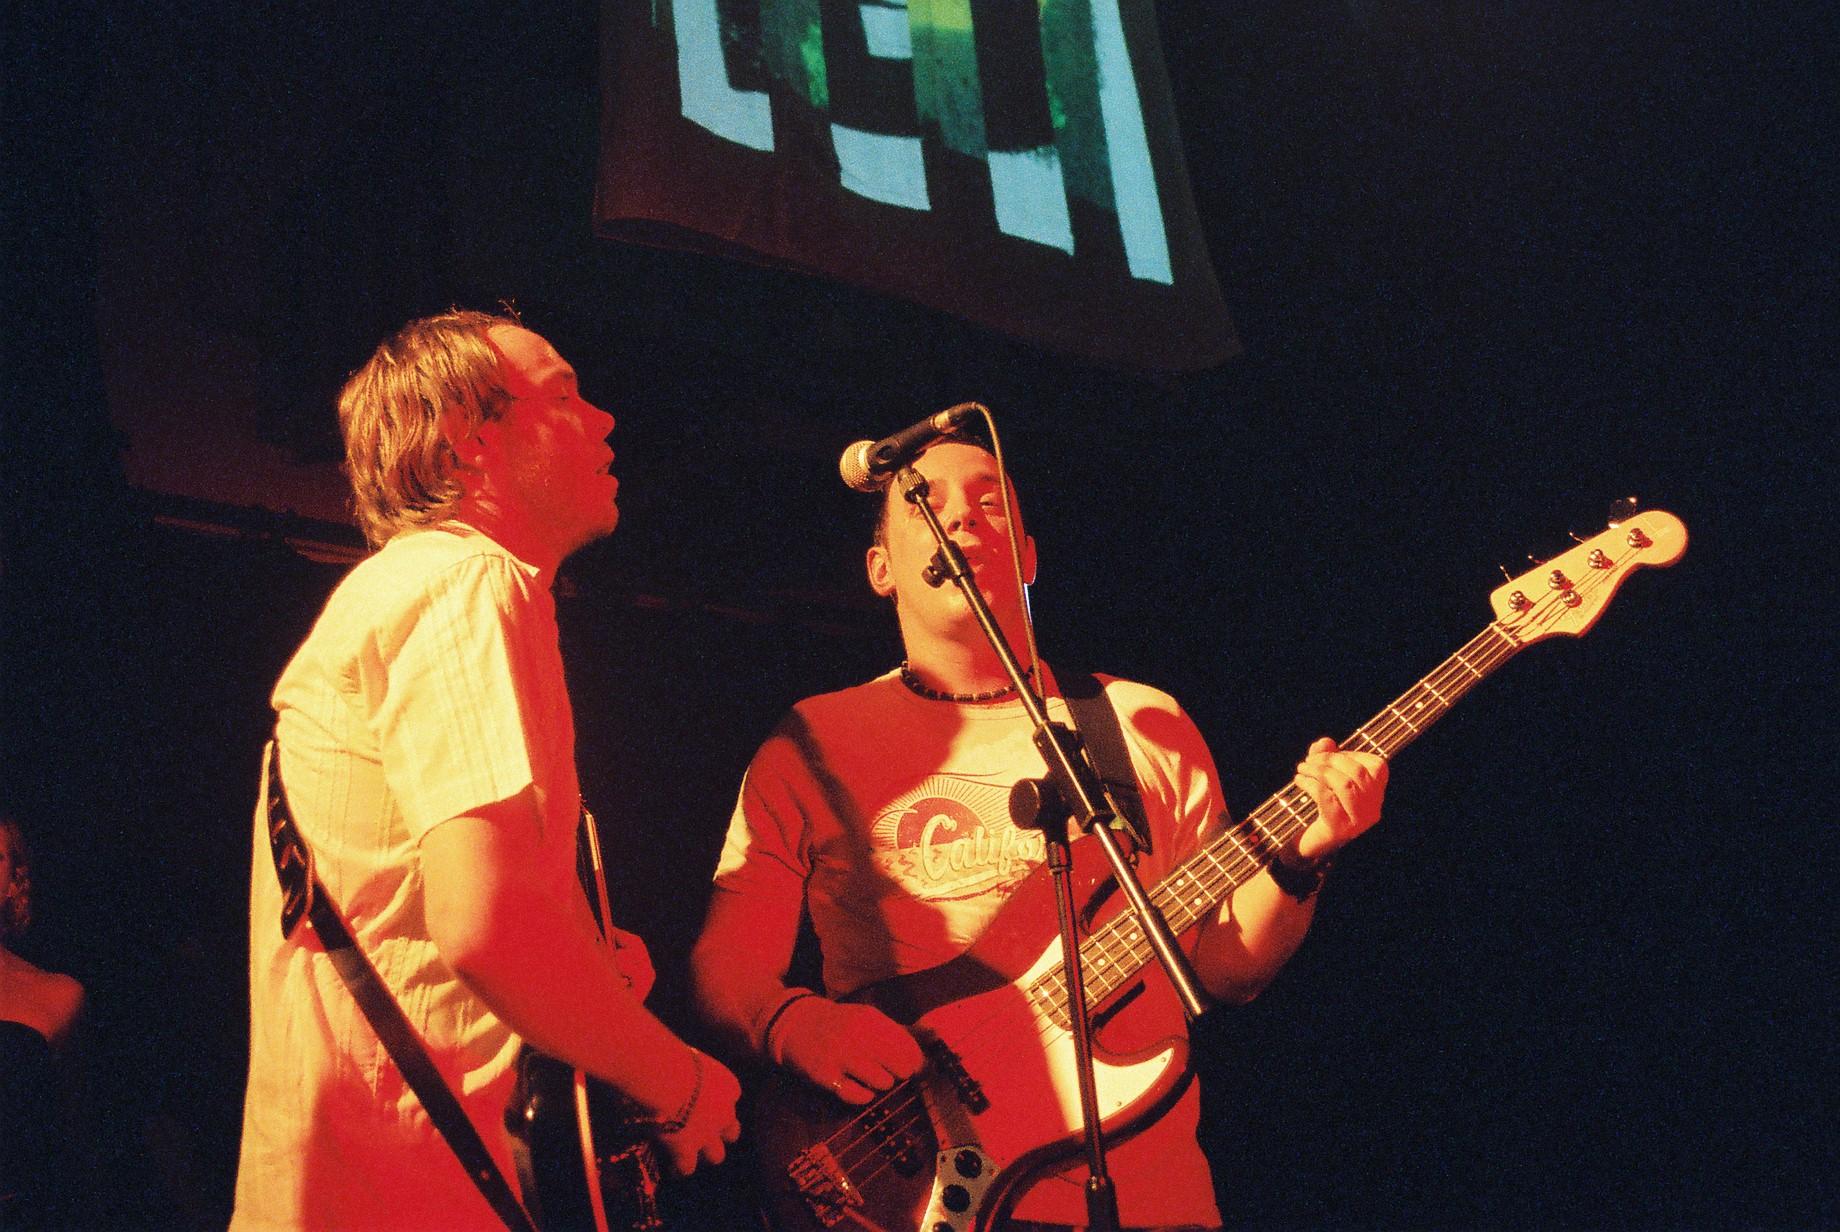 Tarkan Algin & Dan McCabe - The Dees - Showcase - Union Chapel 2004, Islington